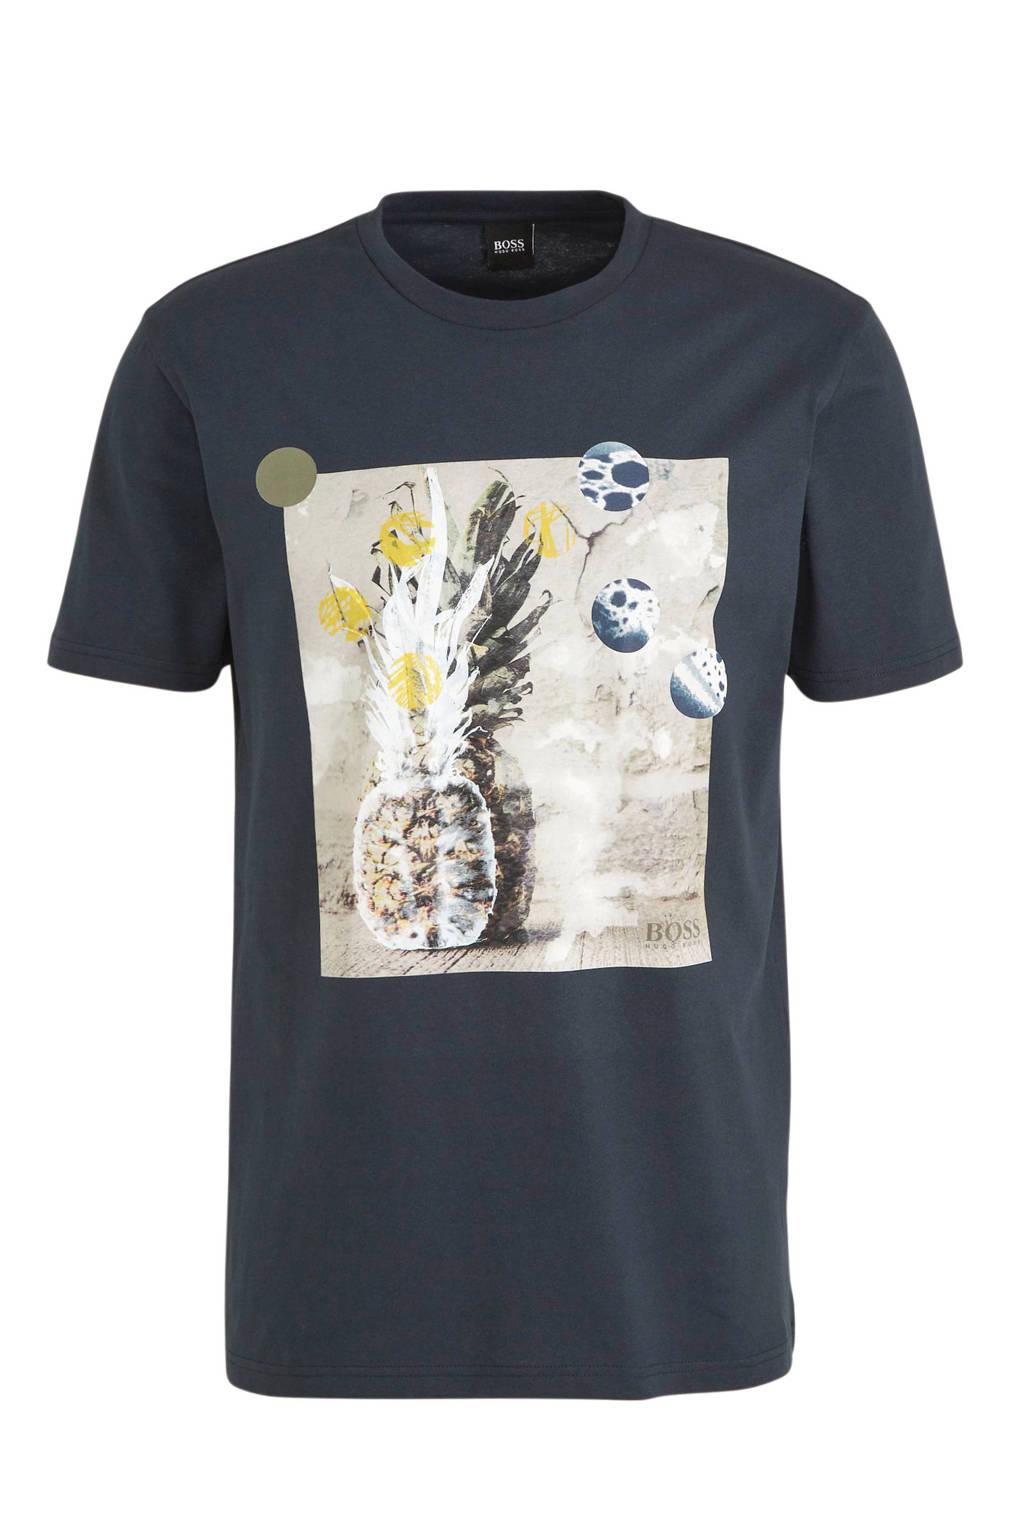 BOSS Casual T-shirt met printopdruk donkerblauw, Donkerblauw